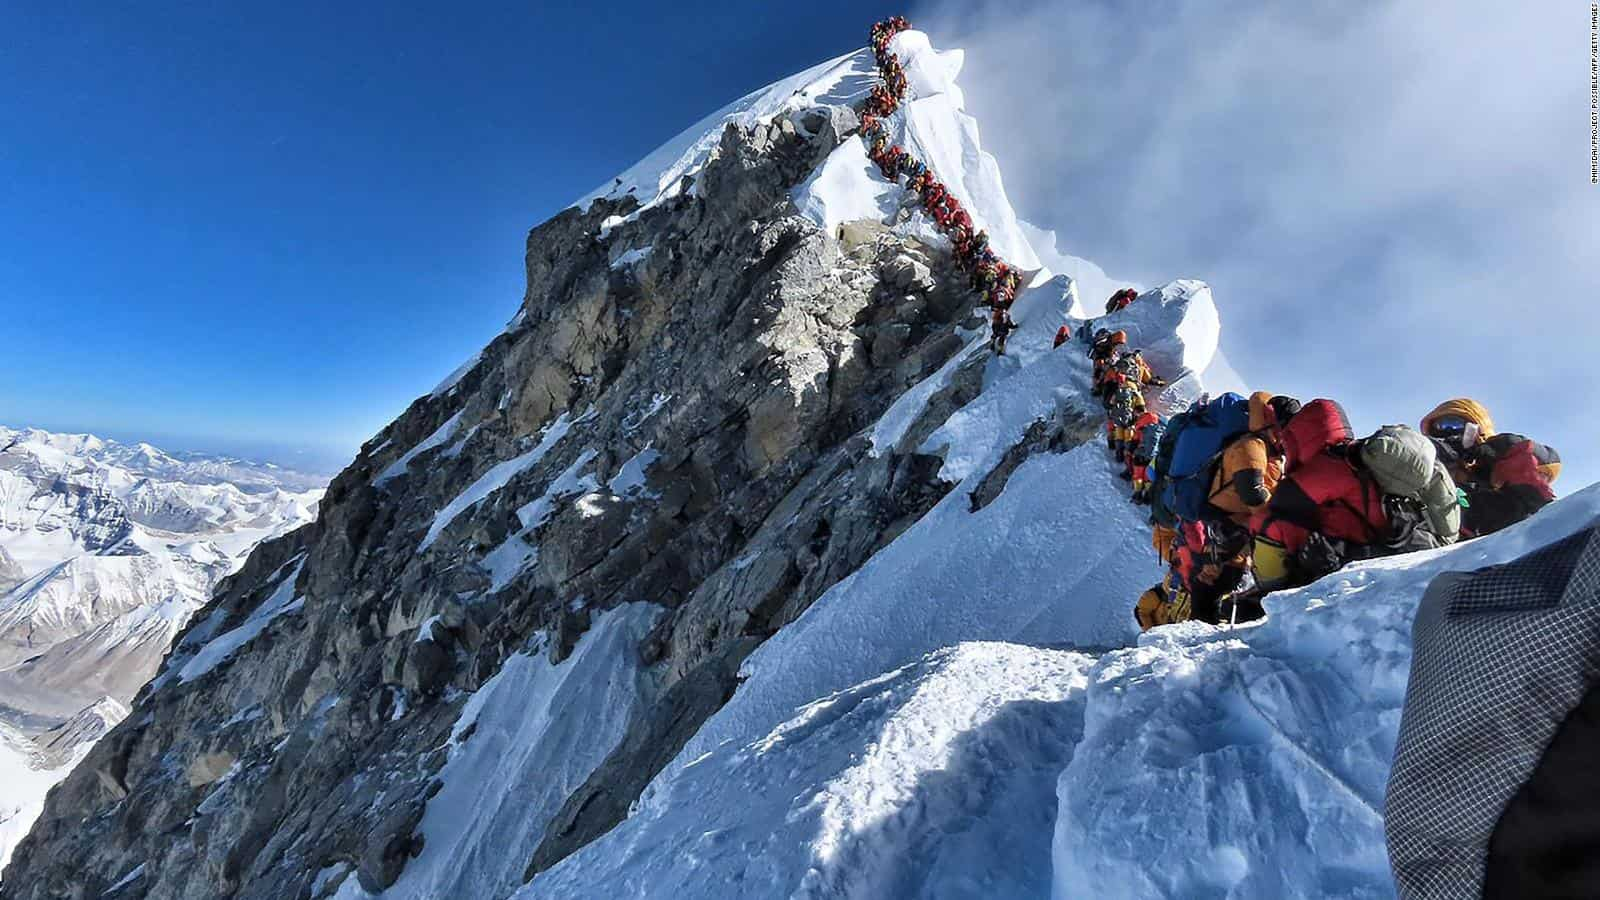 šerpasi na mount everestu pokupili tijela četvorice planinara i 11 tona smeća